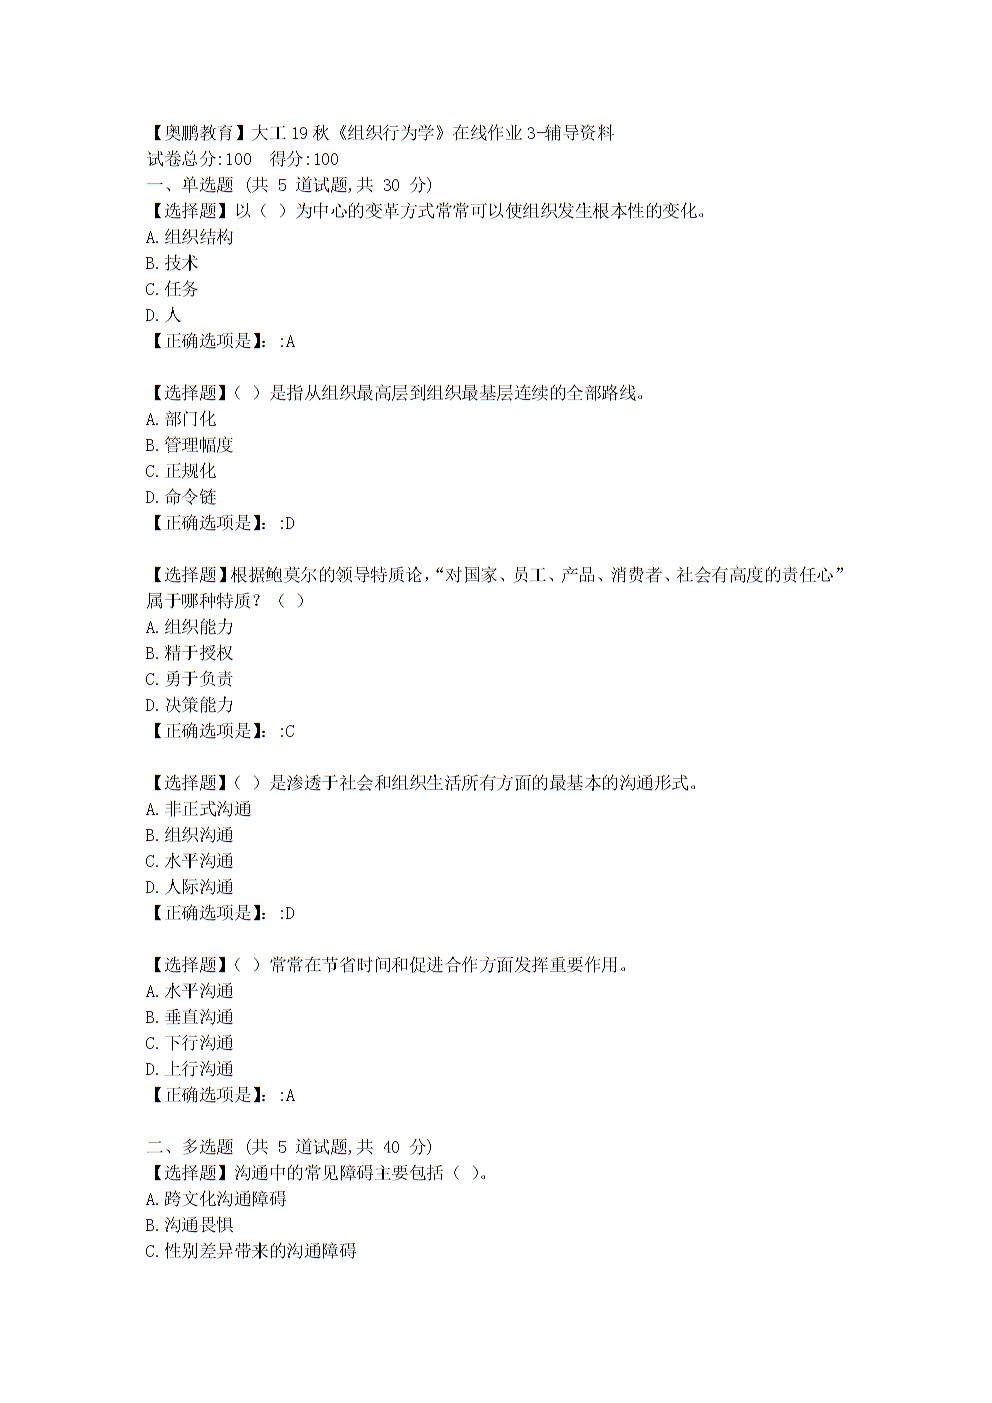 大连理工大学19秋《组织行为学》在线作业3学习资料.doc